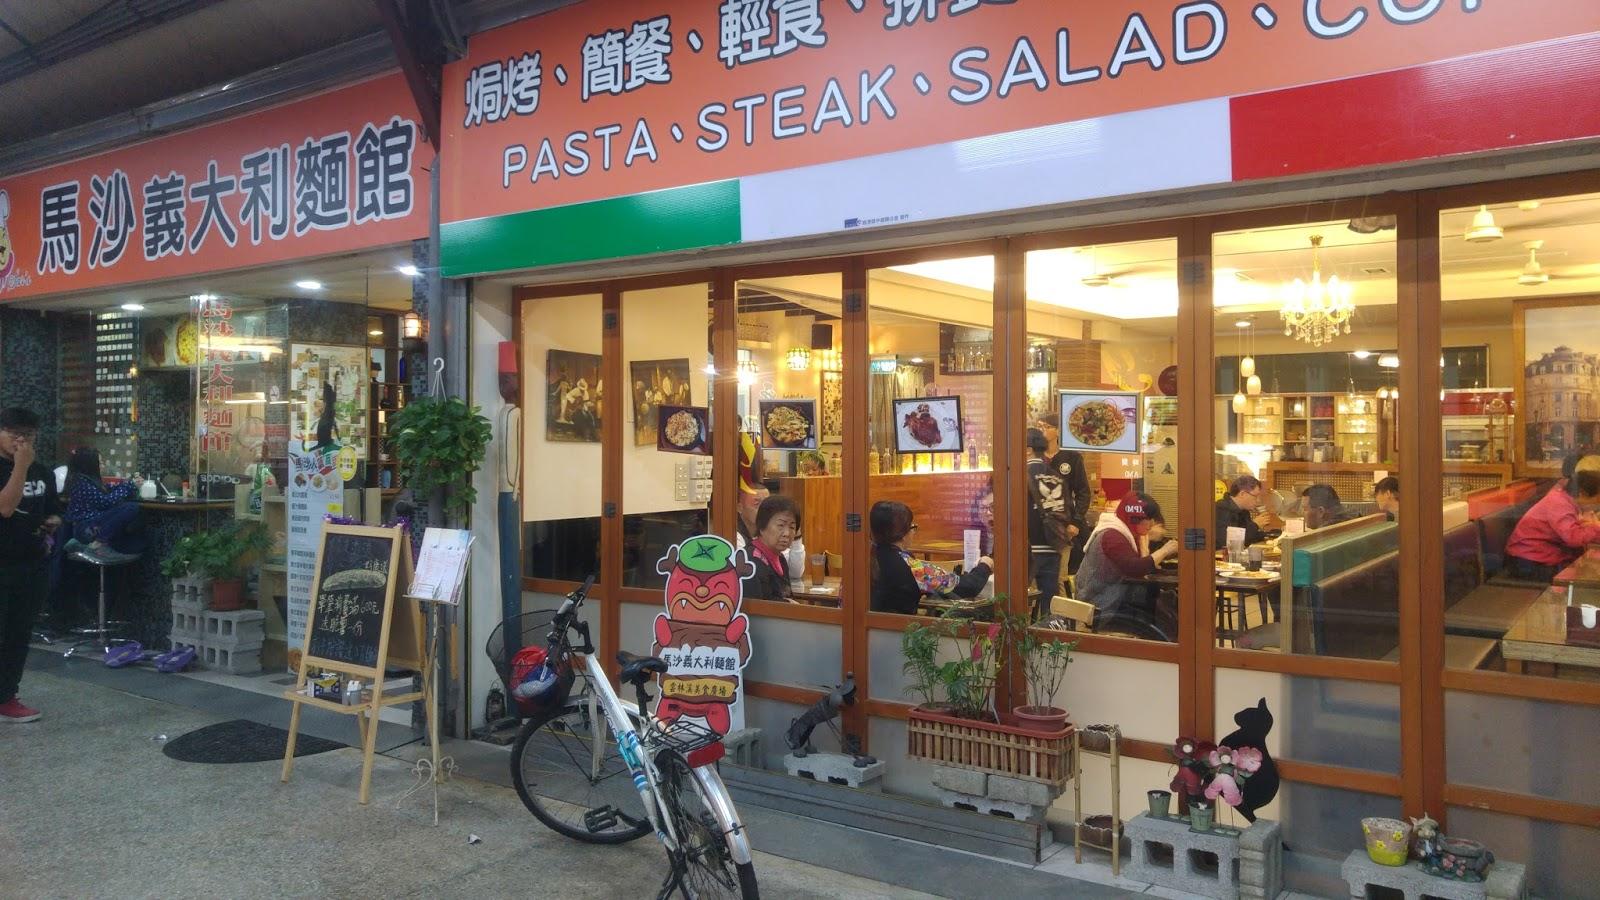 雲林斗六- 馬沙義大利麵 位於雲林溪美食廣場(么鬼街)的人氣名店!